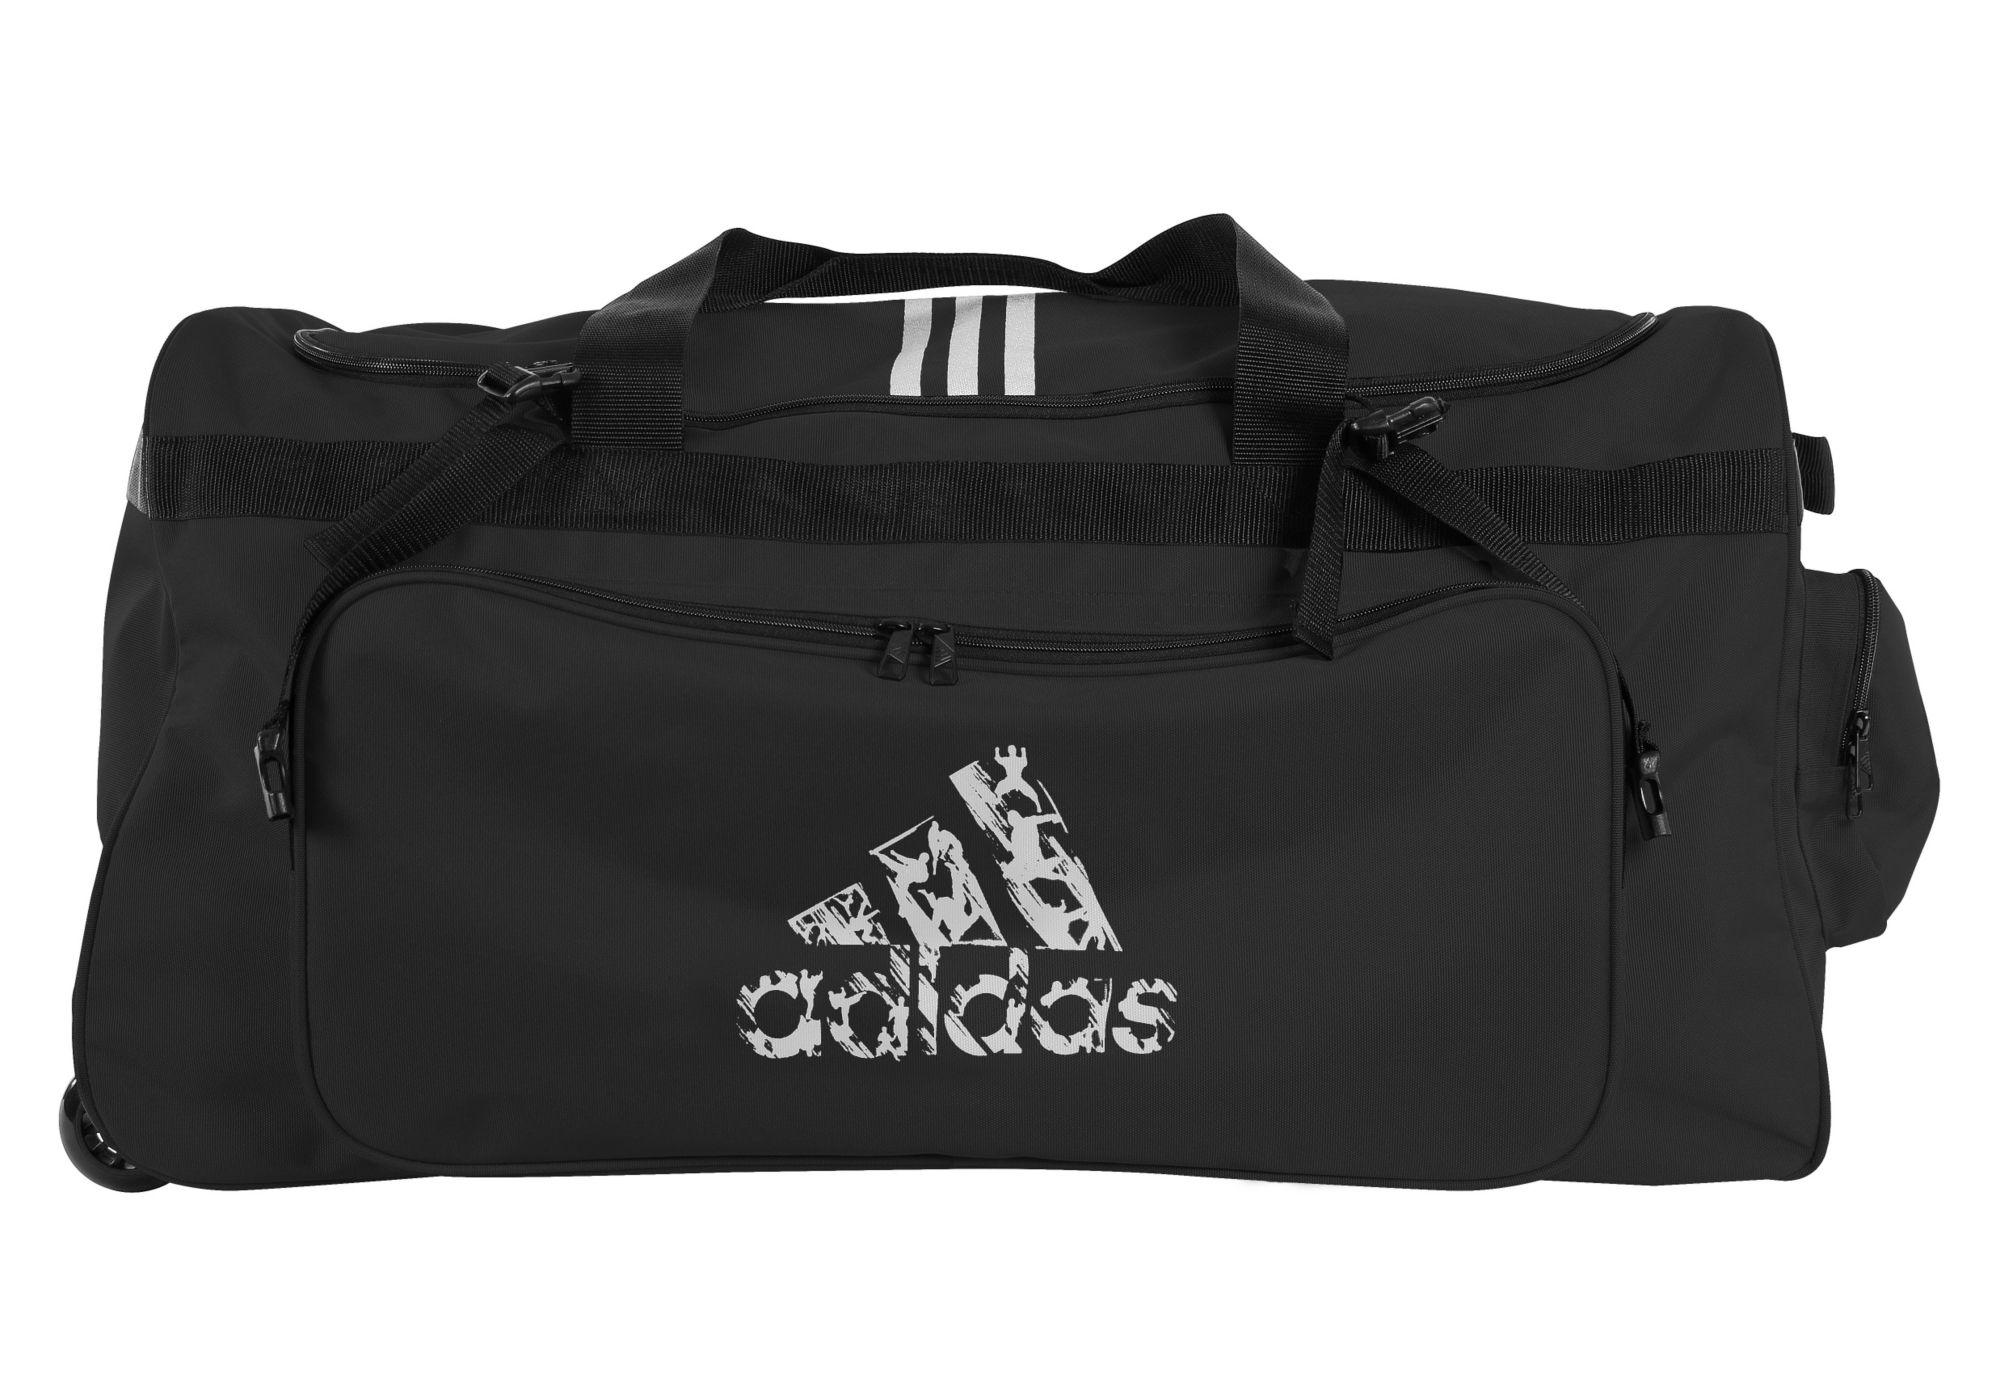 ADIDAS PERFORMANCE adidas Performance Sporttasche, »Trolley Bag«